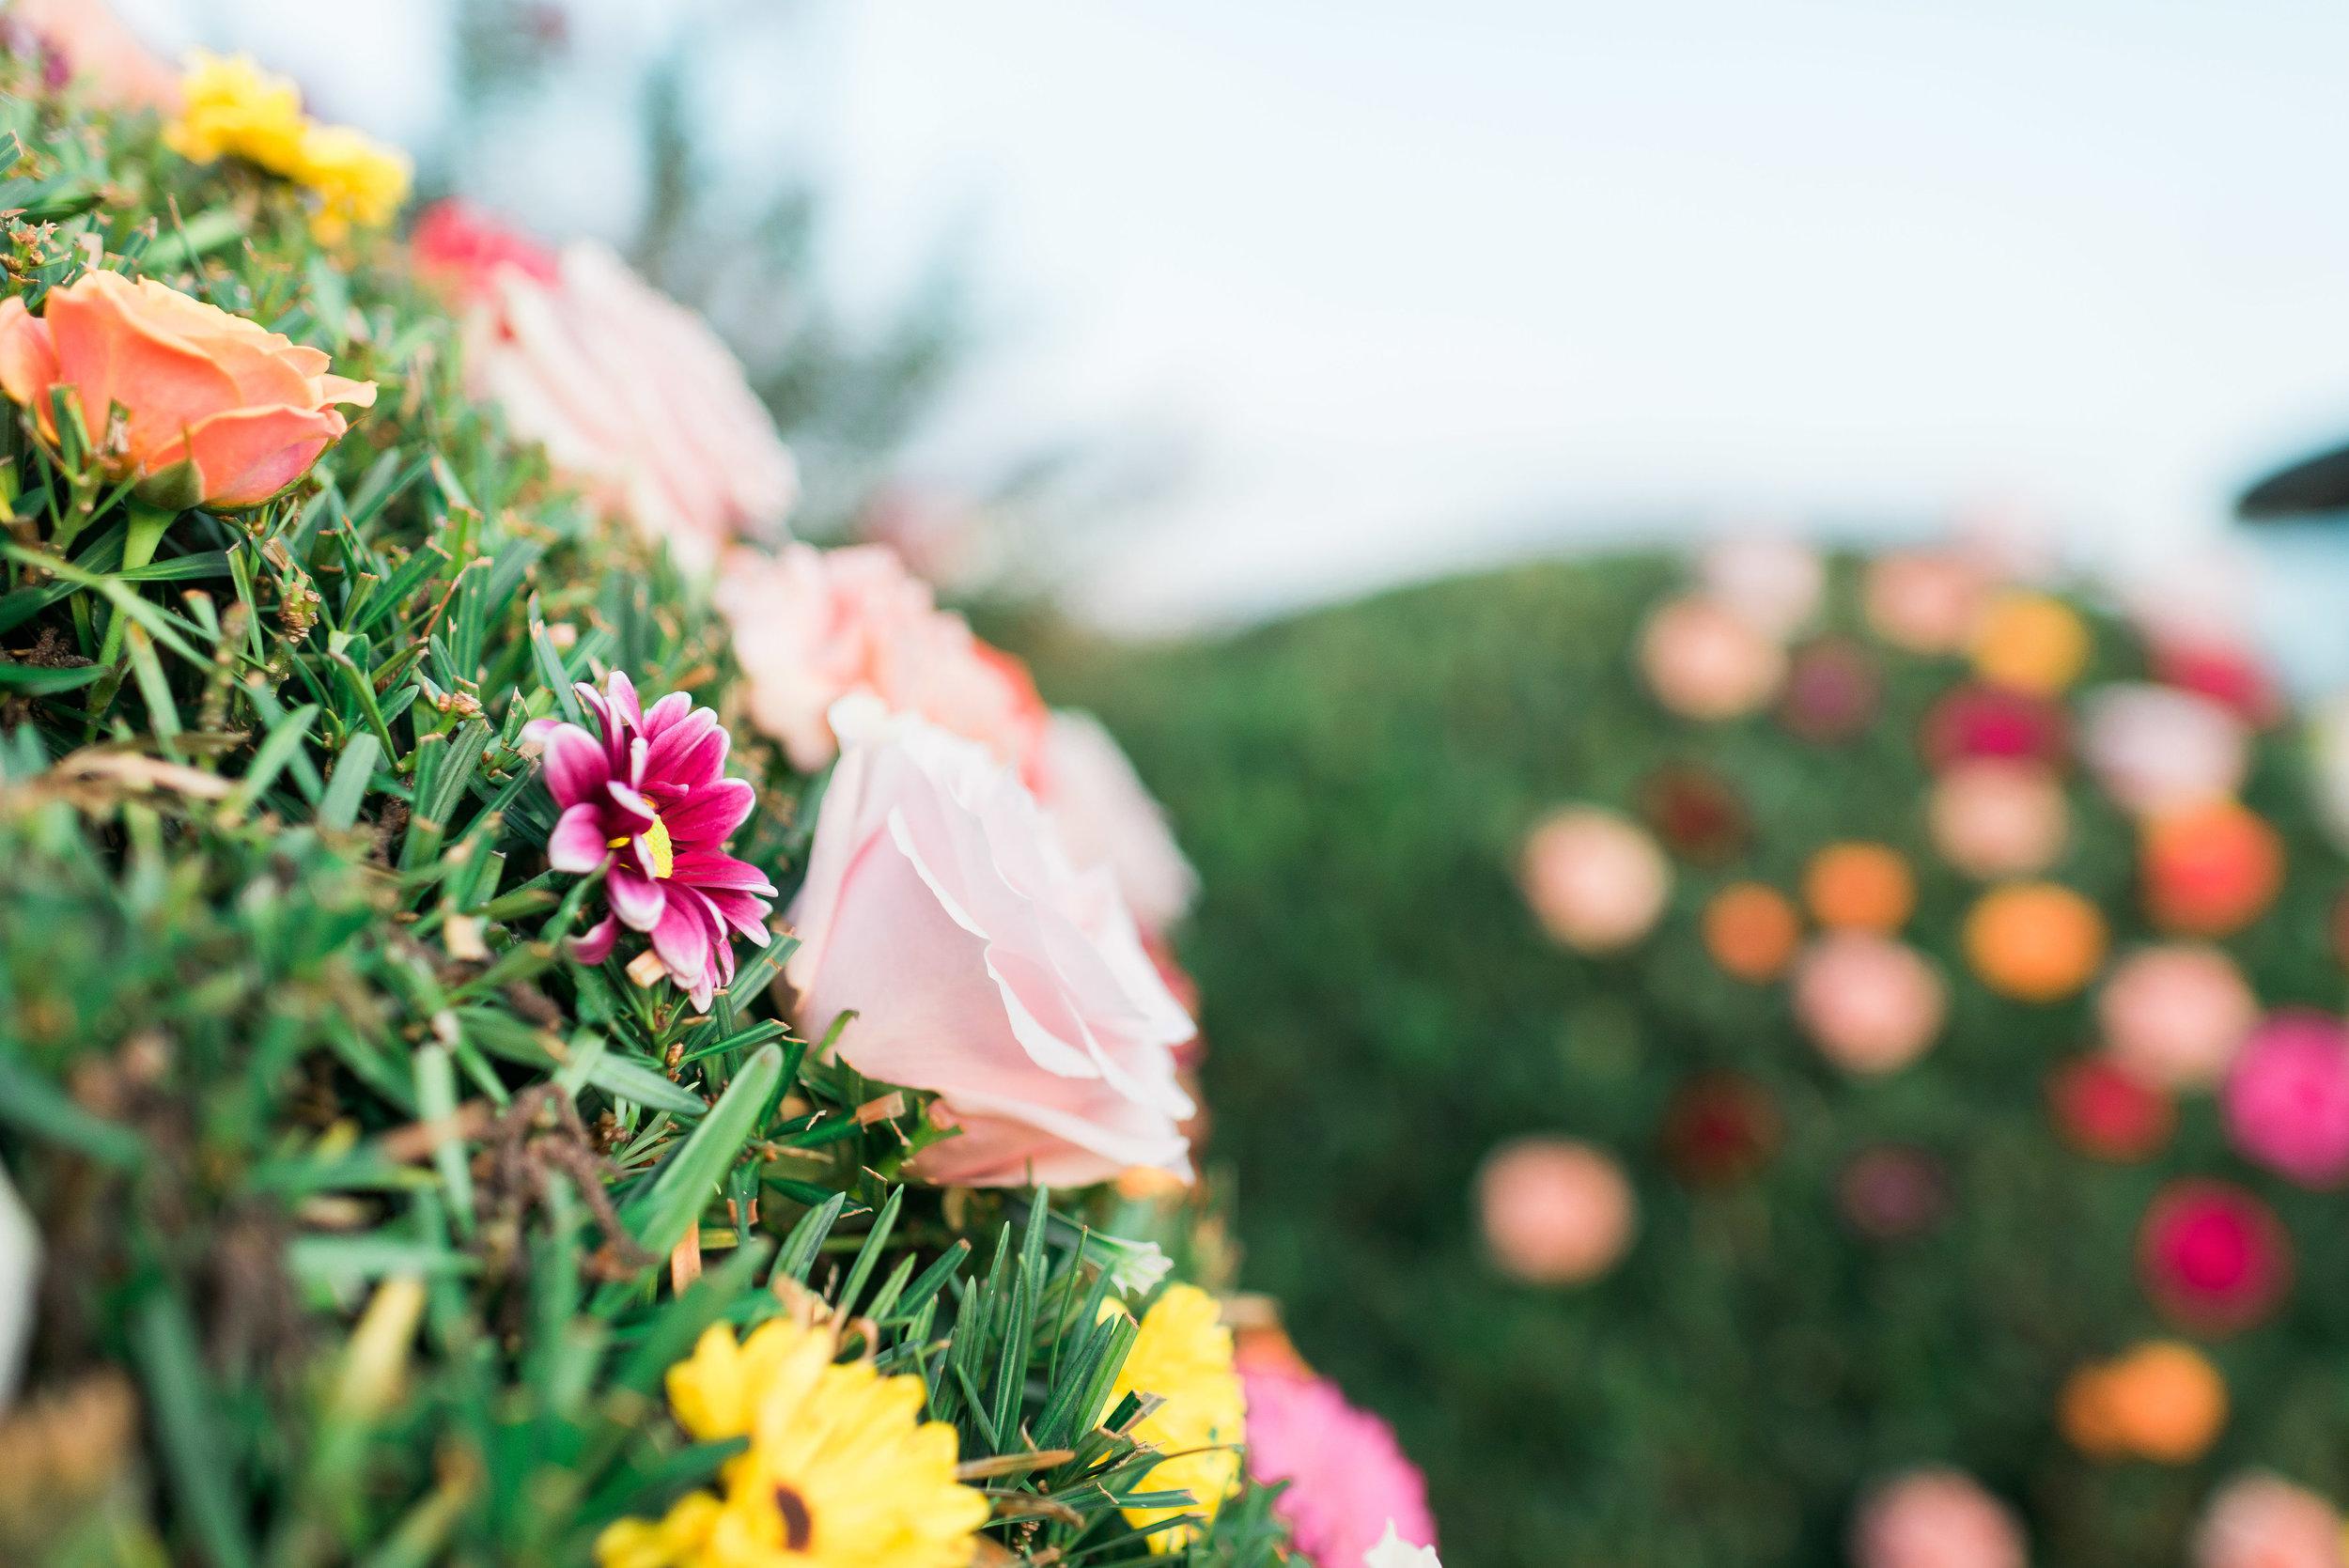 Flowerchildbushflowers(4of19).jpg